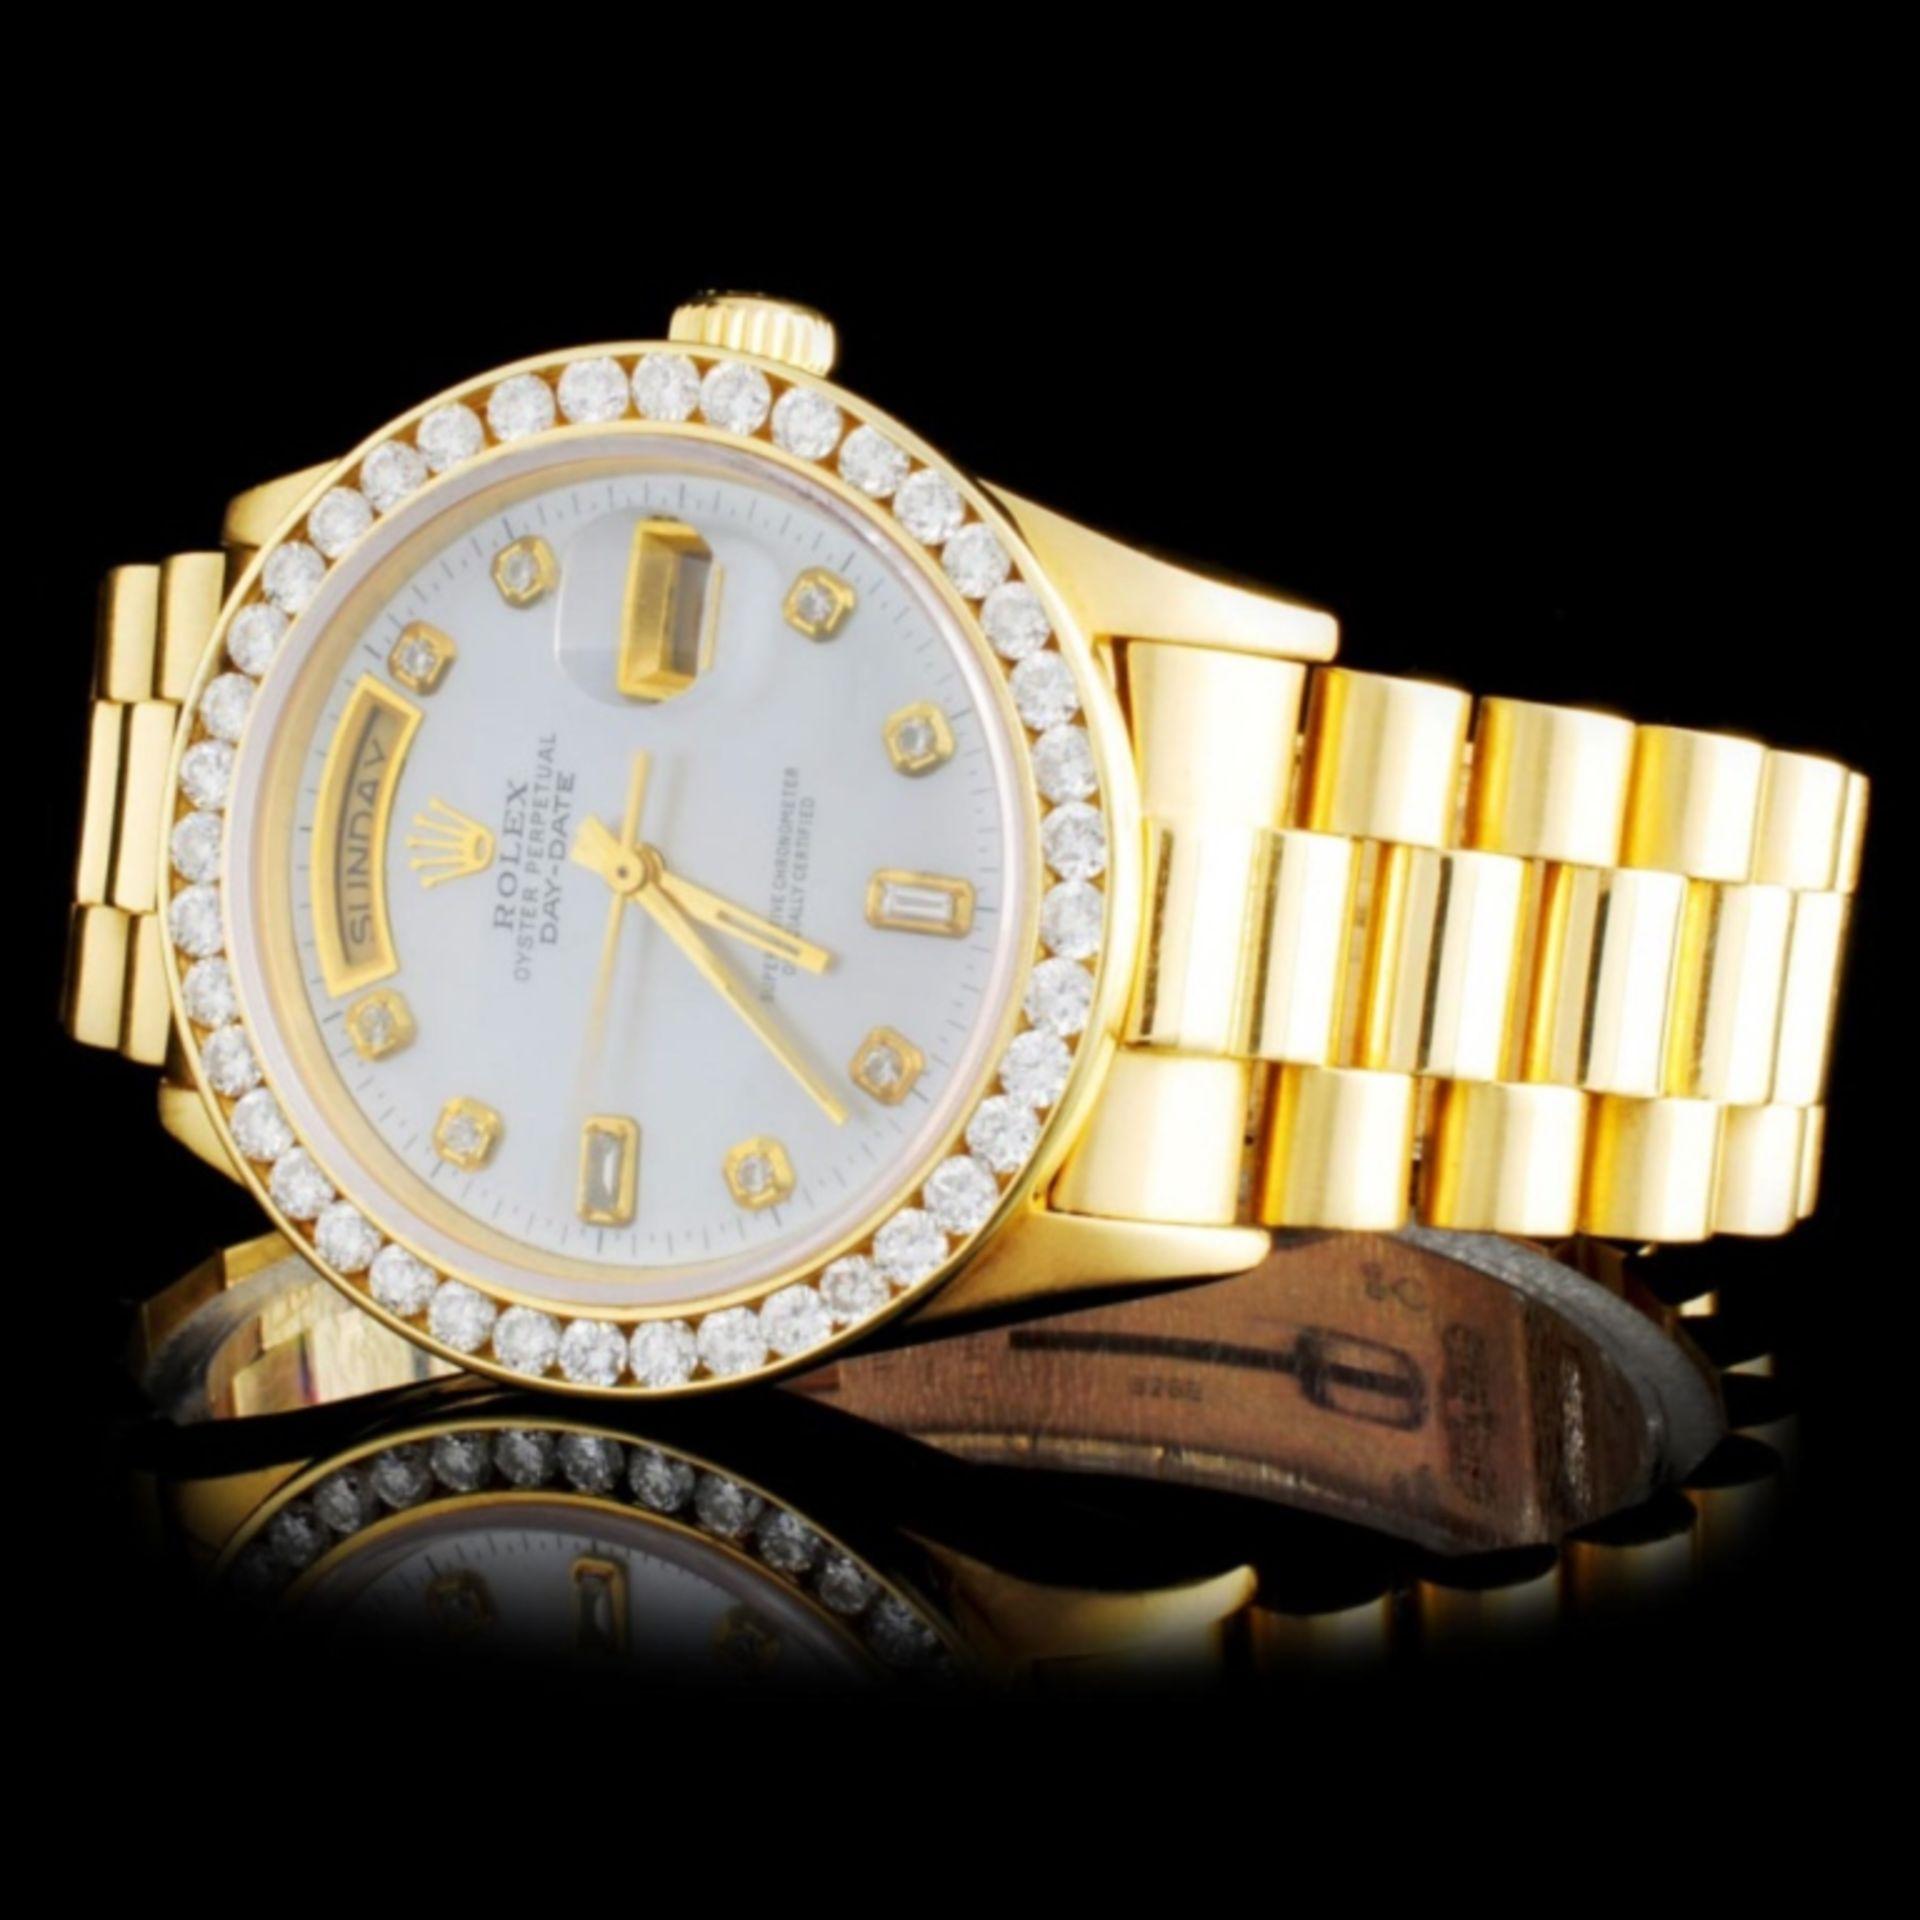 Rolex 18K YG Presidential Diamond Wristwatc - Image 2 of 4